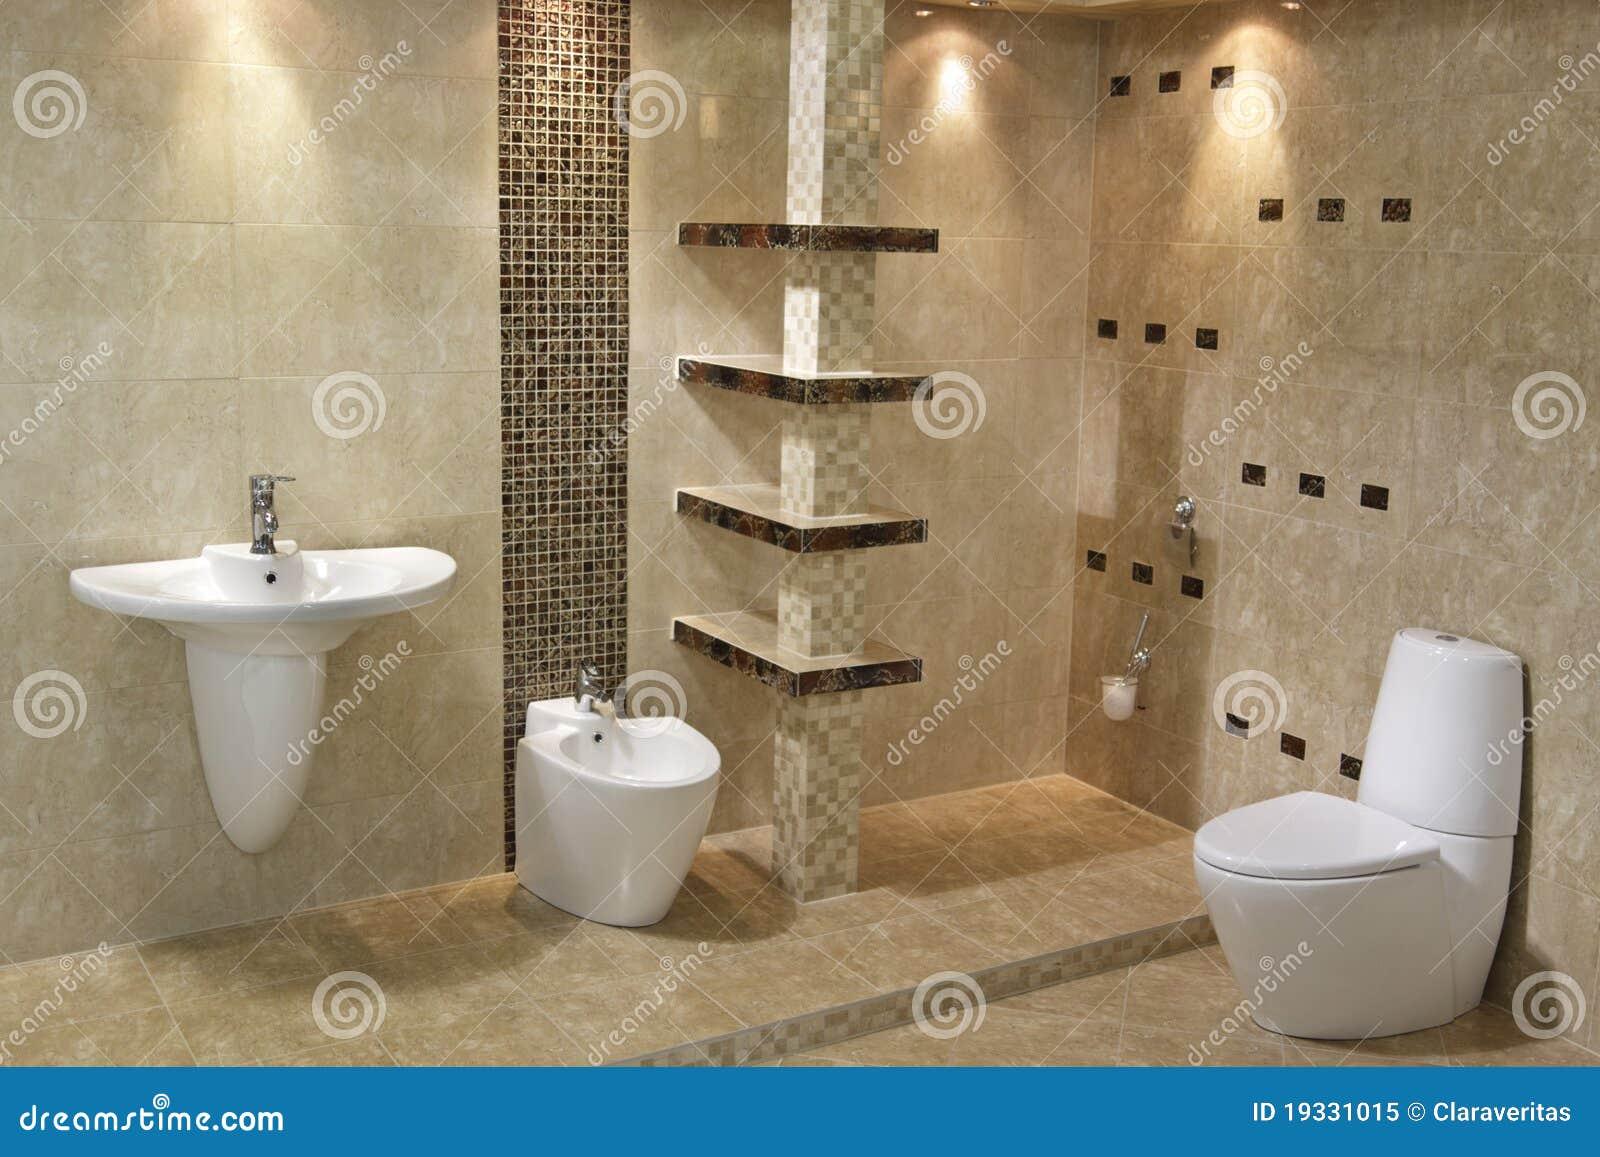 Estilo moderno da arquitetura no banheiro com dissipador do toalete e  #85A922 1300x957 Arquitetura Interior Banheiro